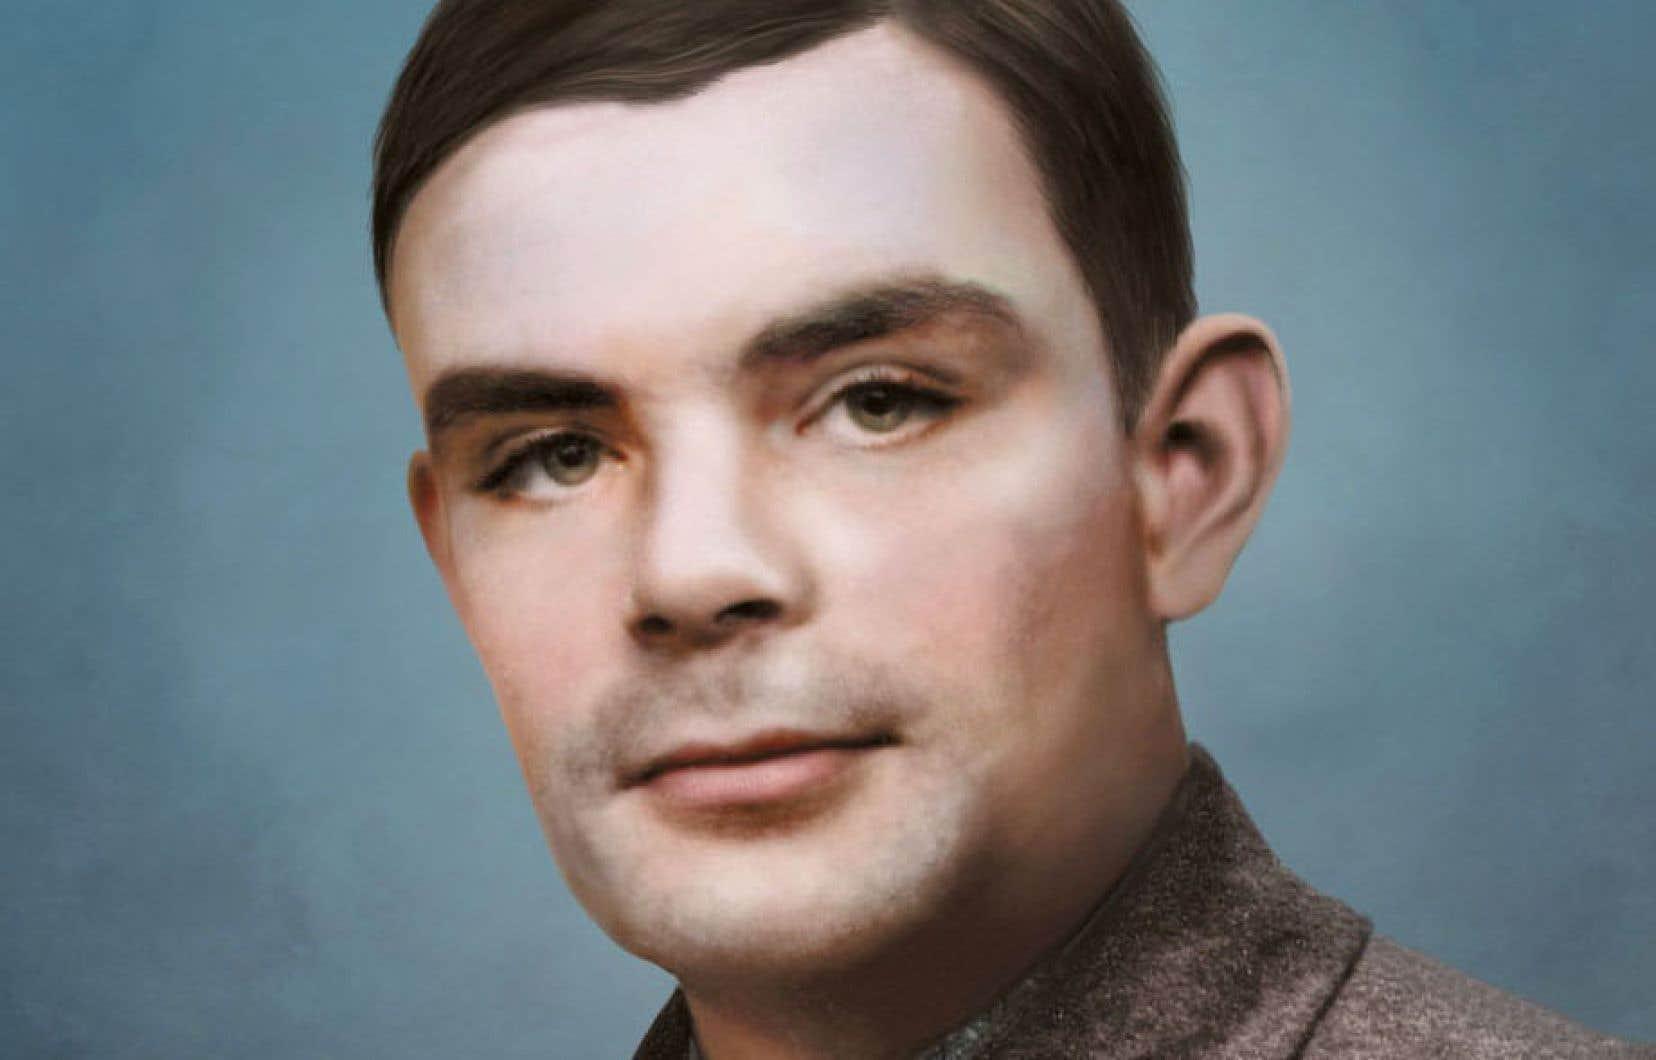 Le livre présente en alternance les réflexions de Turing sur sa vie personnelle et professionnelle.